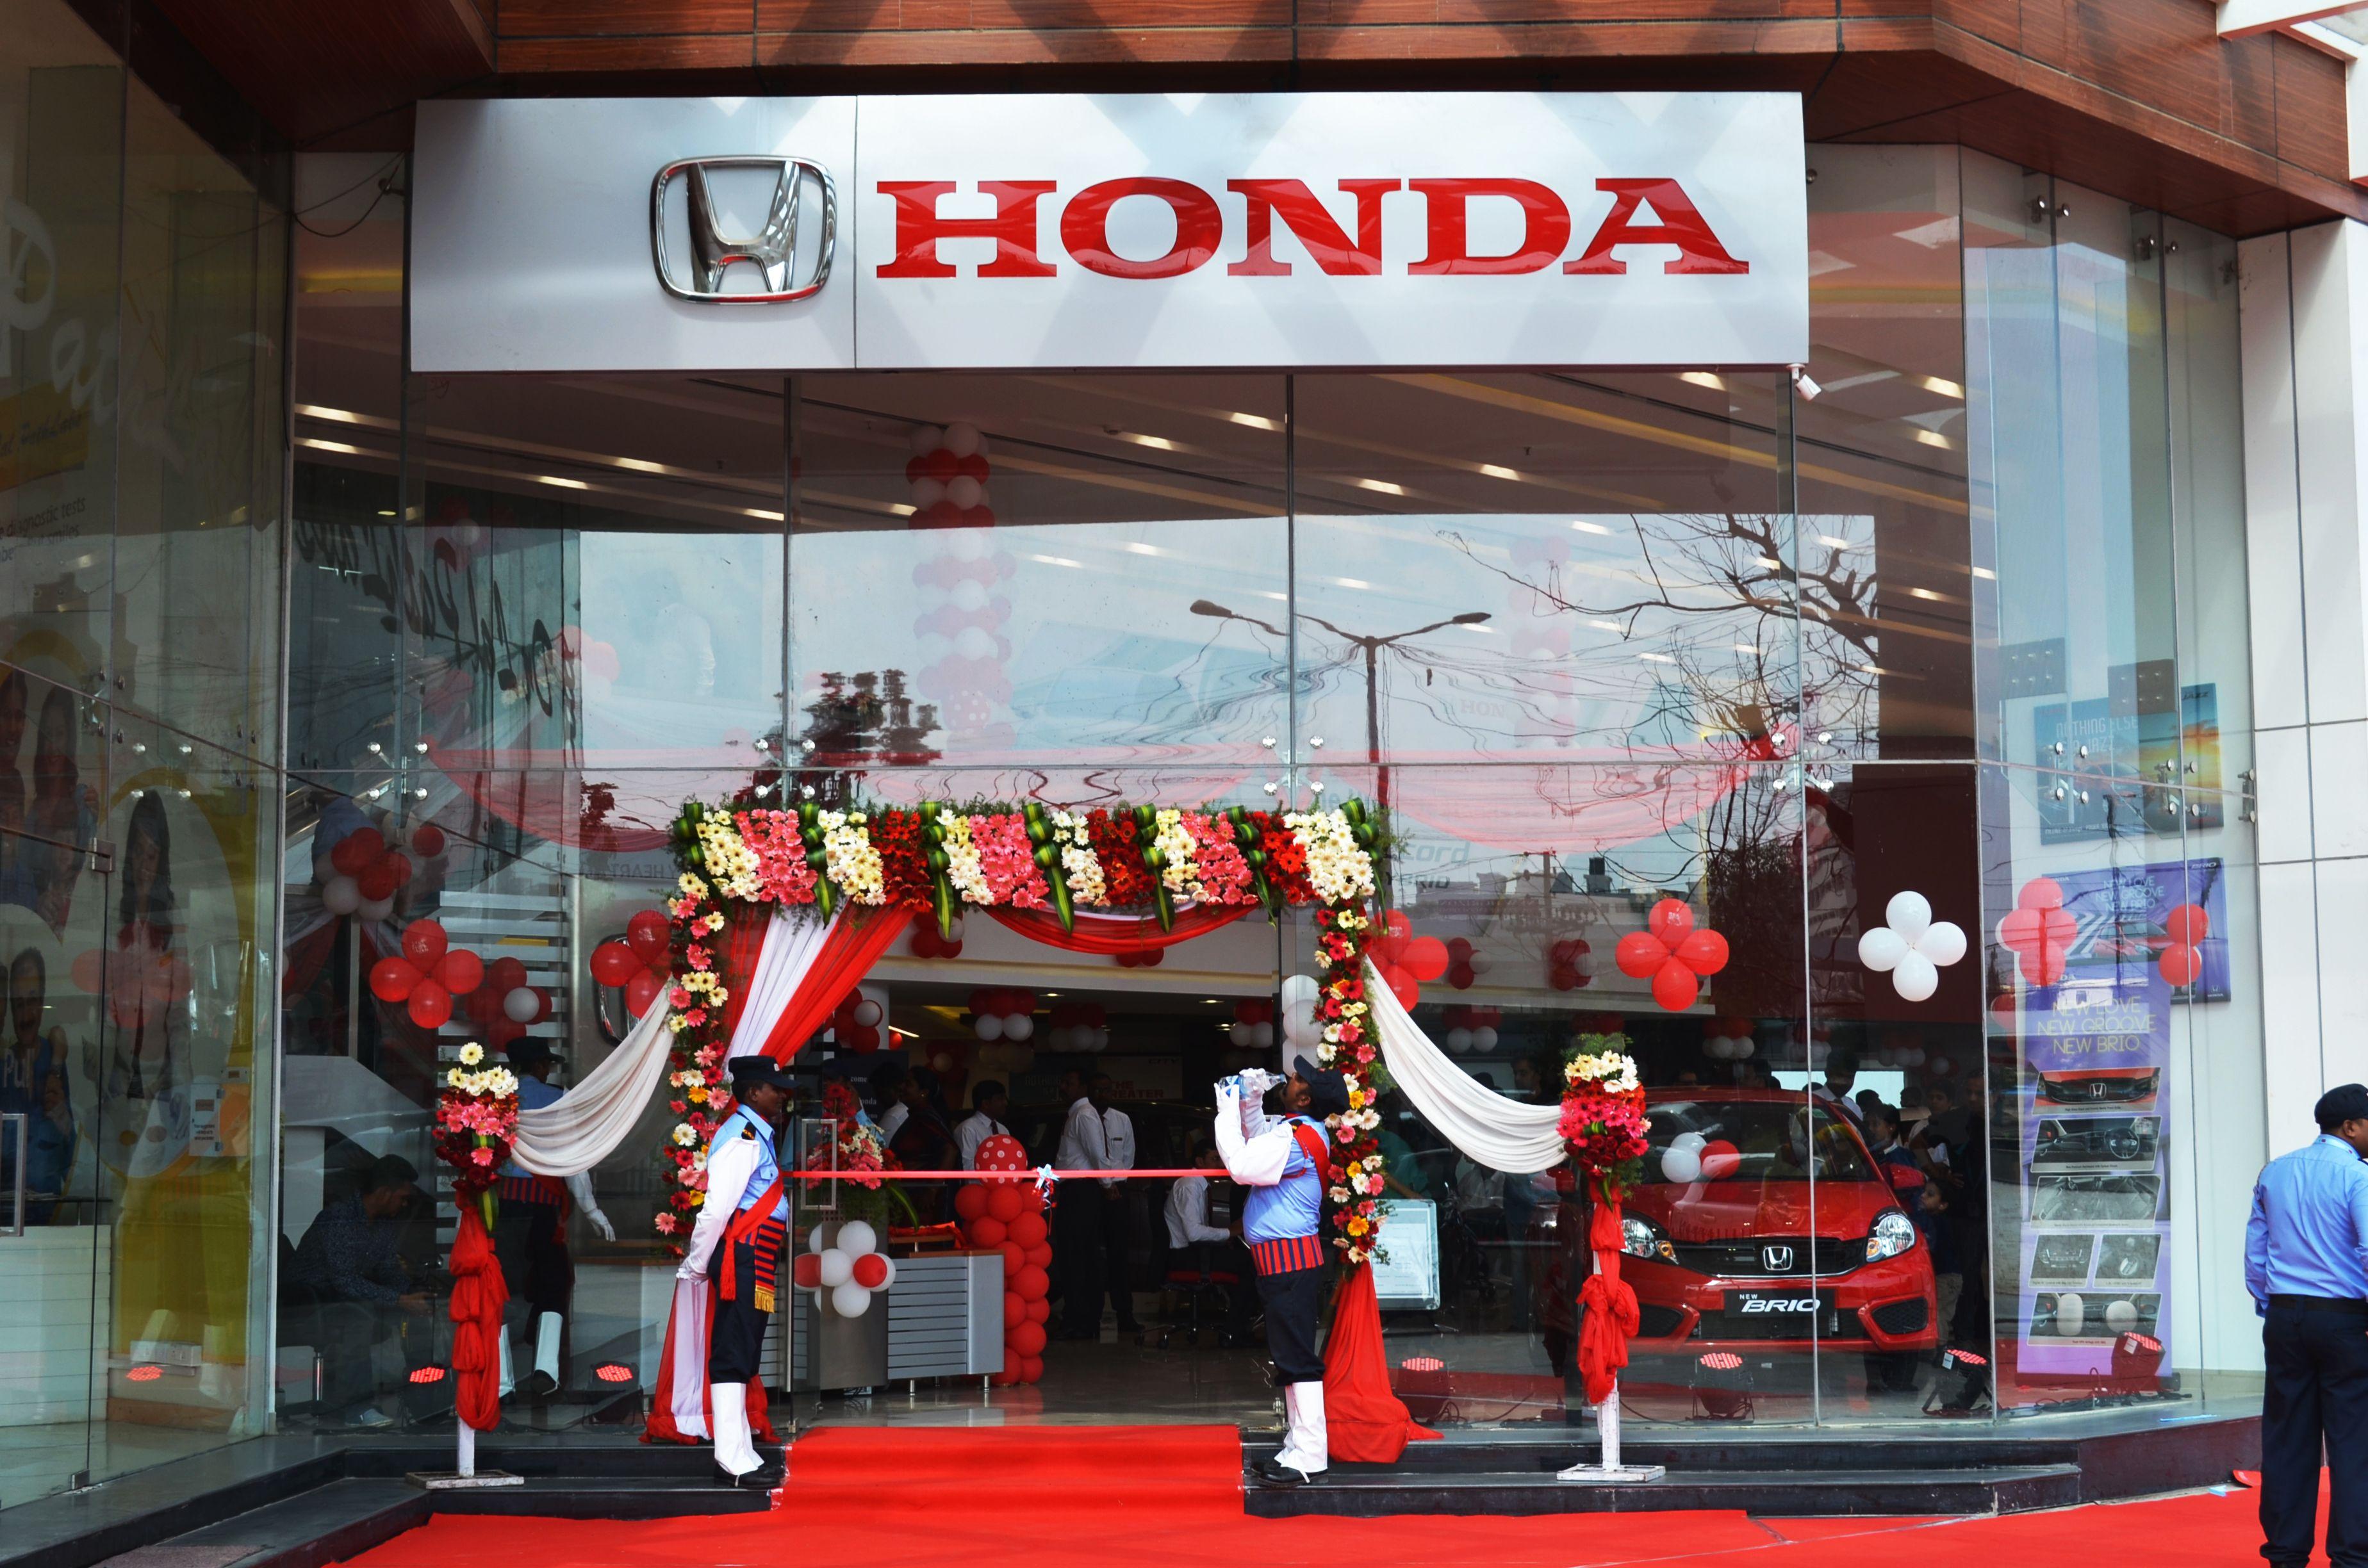 Kelebihan Kekurangan Dealer Honda Review